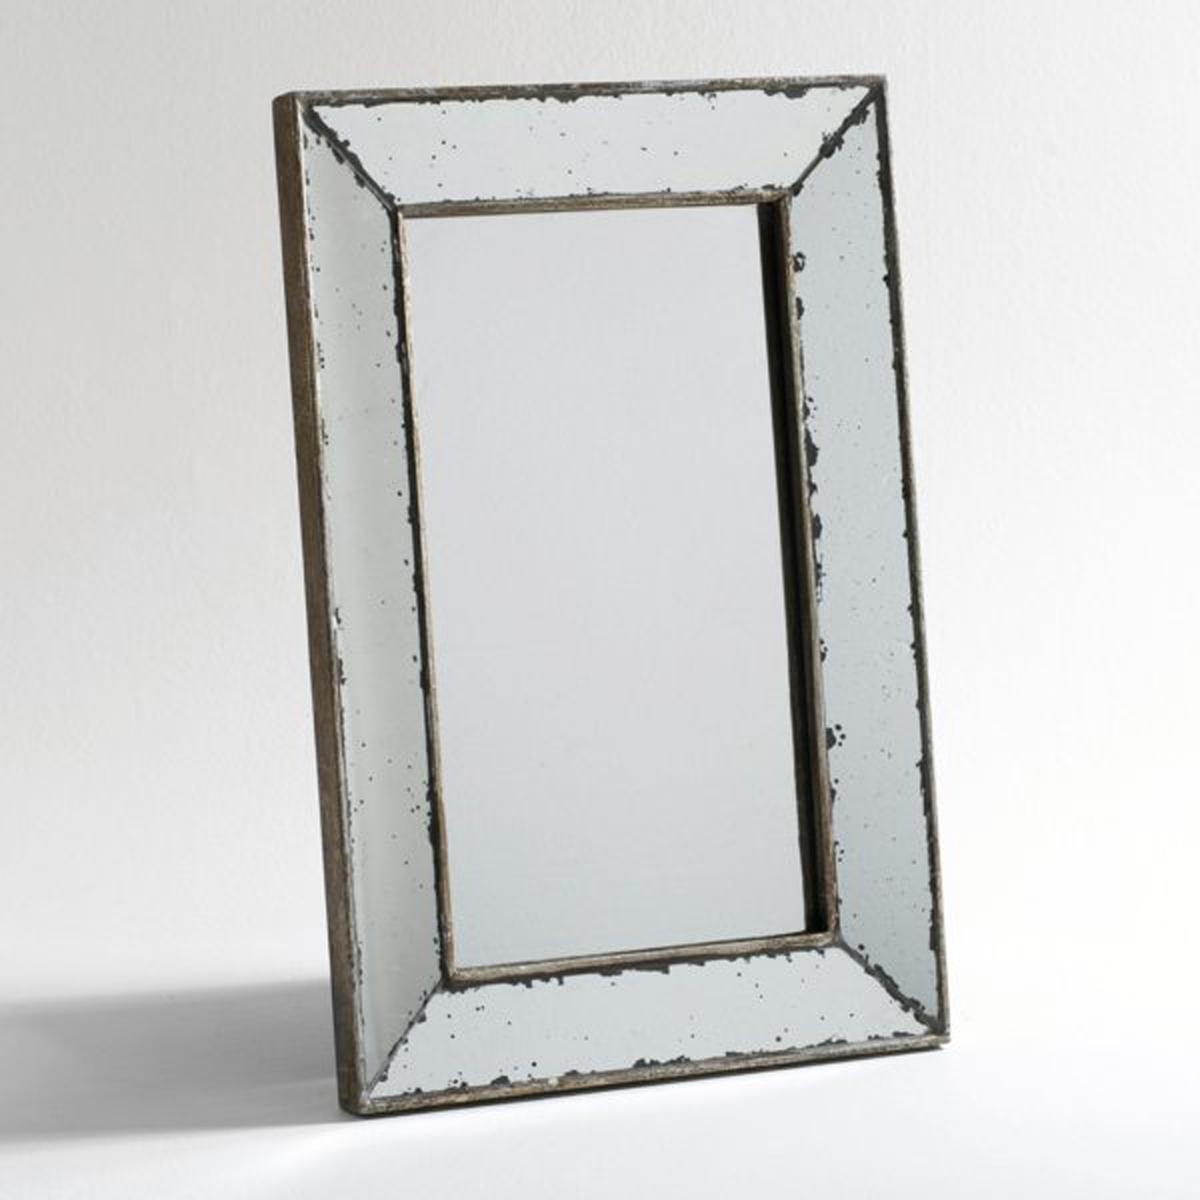 Зеркало La Redoute В ретро-стиле большая модель Д x В см Edwin единый размер серый зеркало la redoute с мозаичным эффектом большая модель kagami единый размер другие